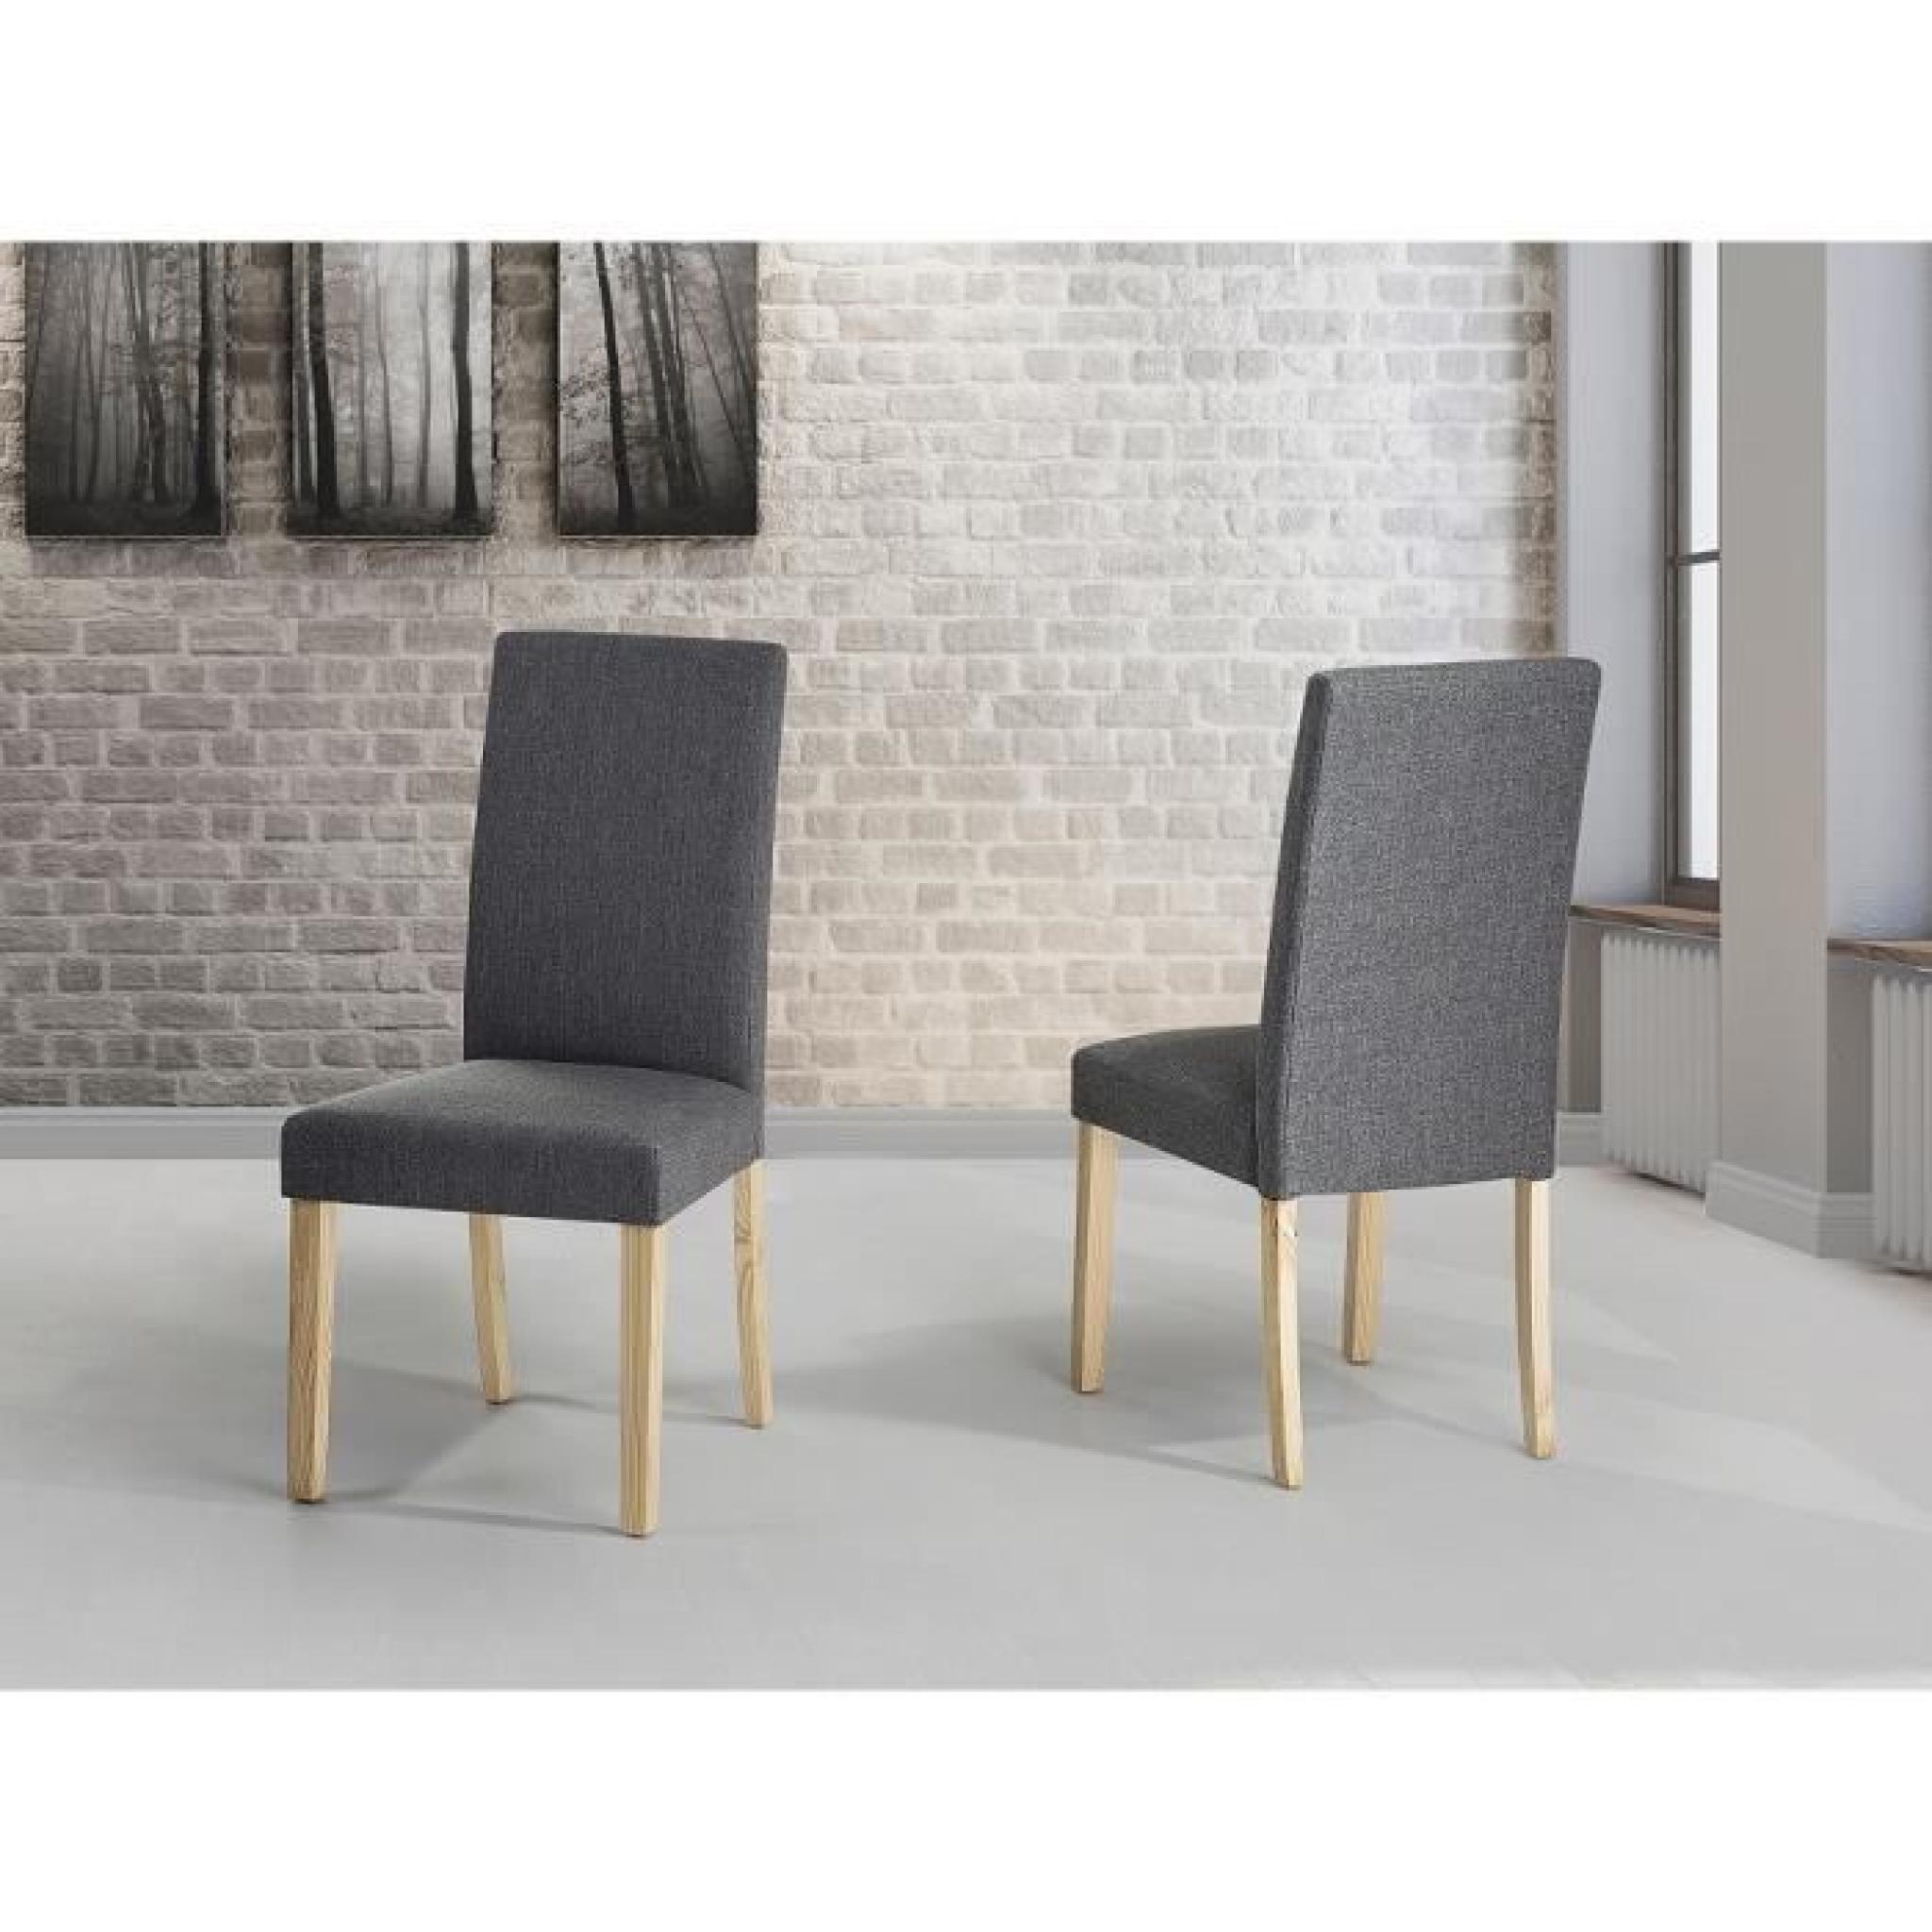 Chaises de salle manger lot de 2 chaises en tissu for Lot 6 chaise salle manger pas cher